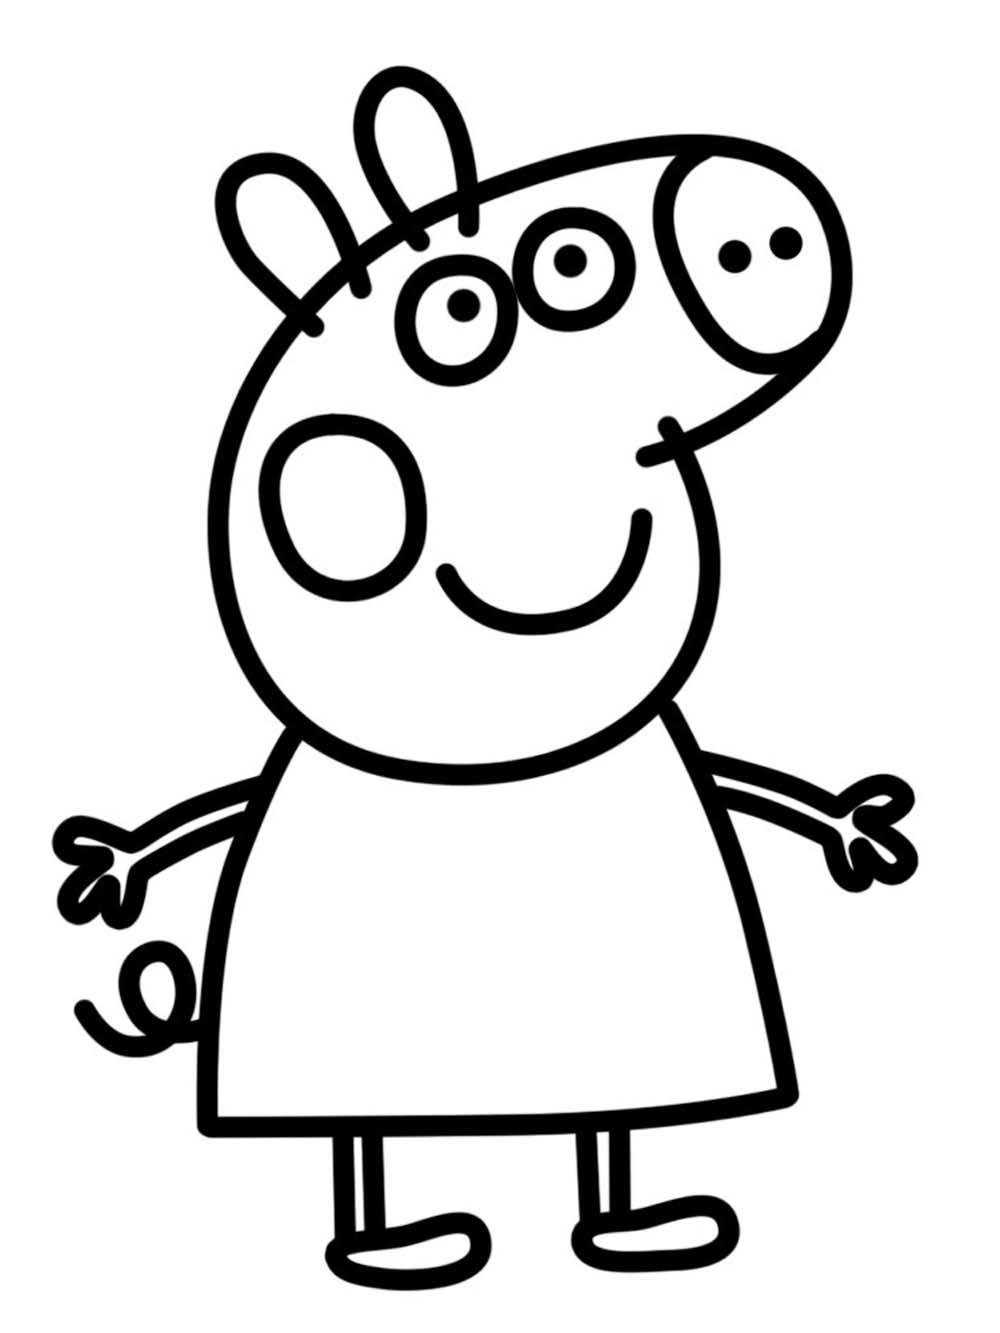 Im genes de peppa pig para colorear dibujos de - Plantillas para pintar ...